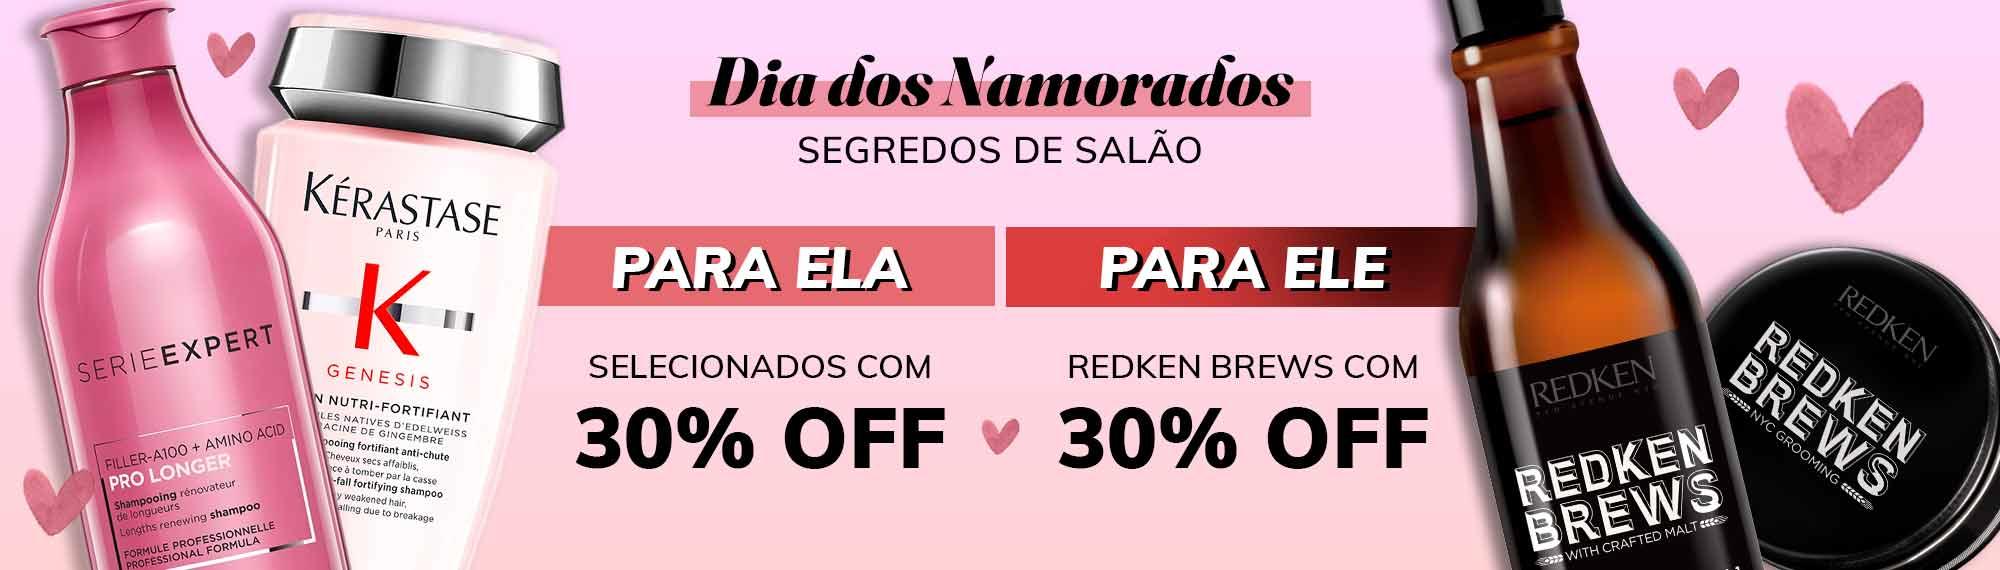 SDS | Namorados